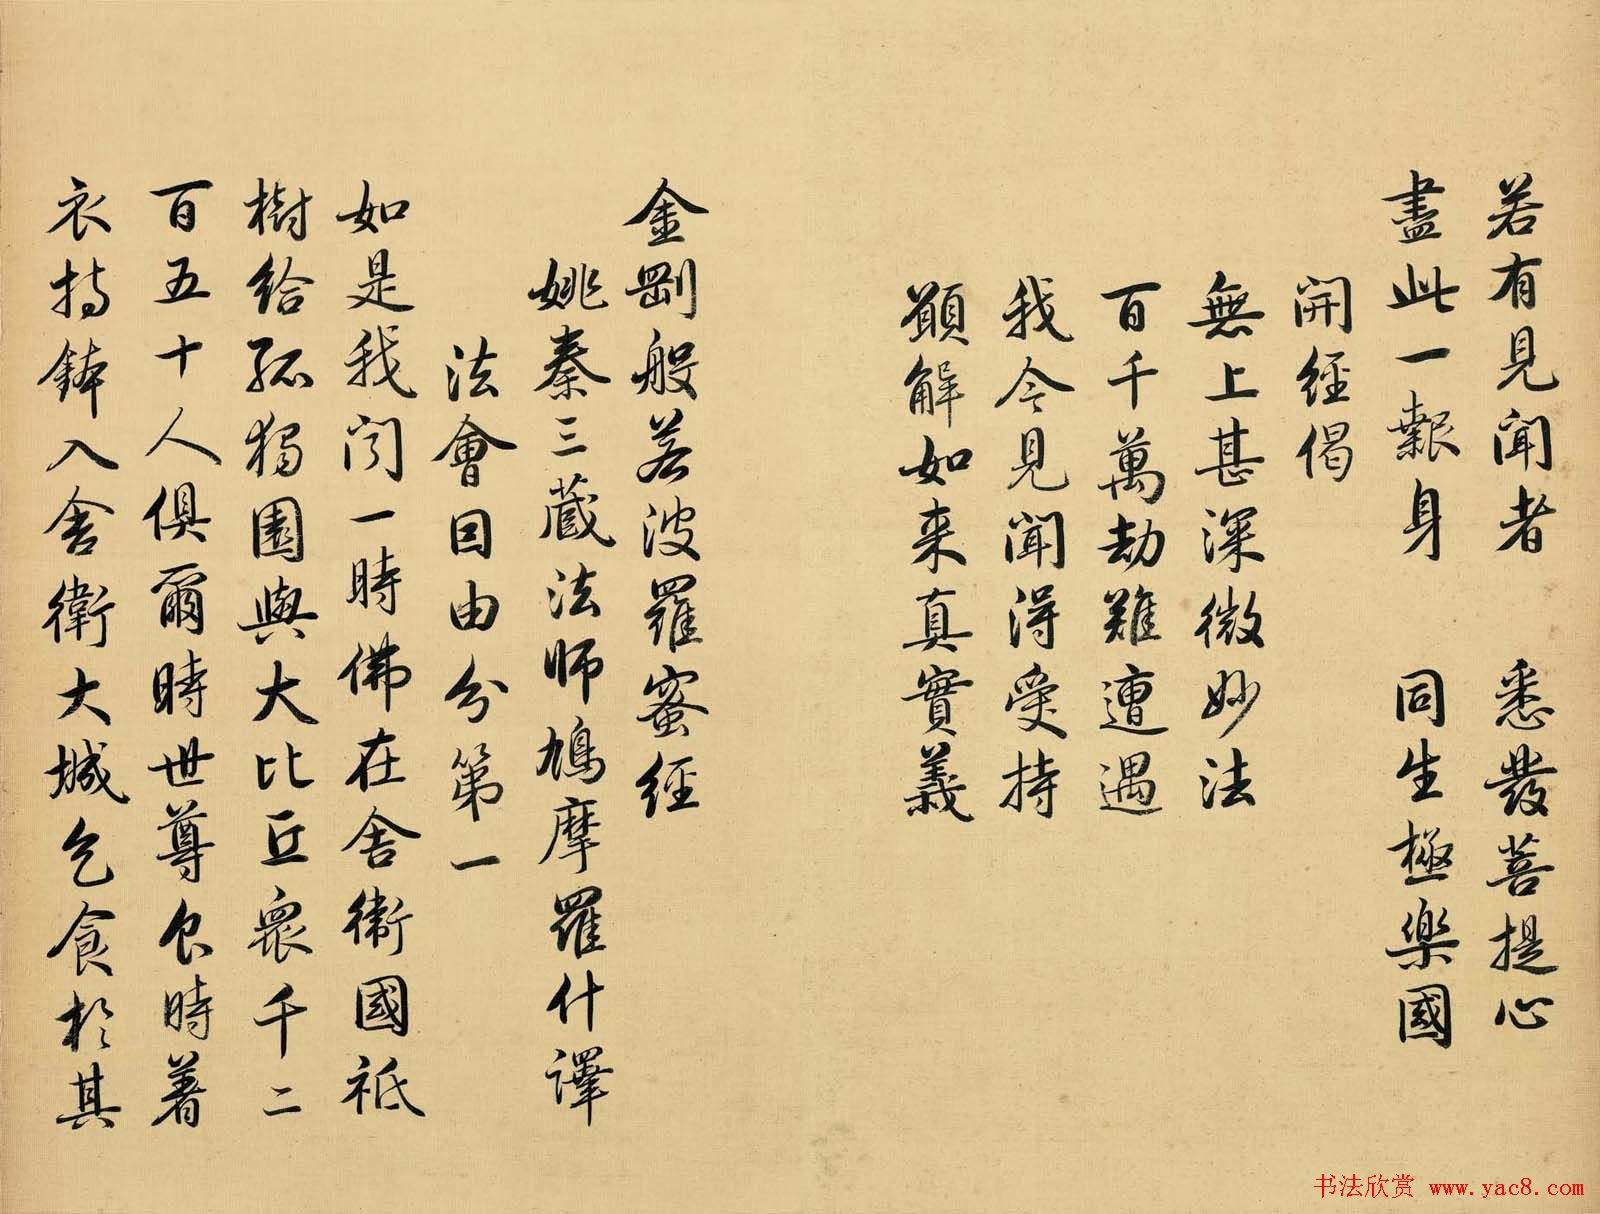 雍正皇帝书法真迹《金刚般若波罗蜜经》